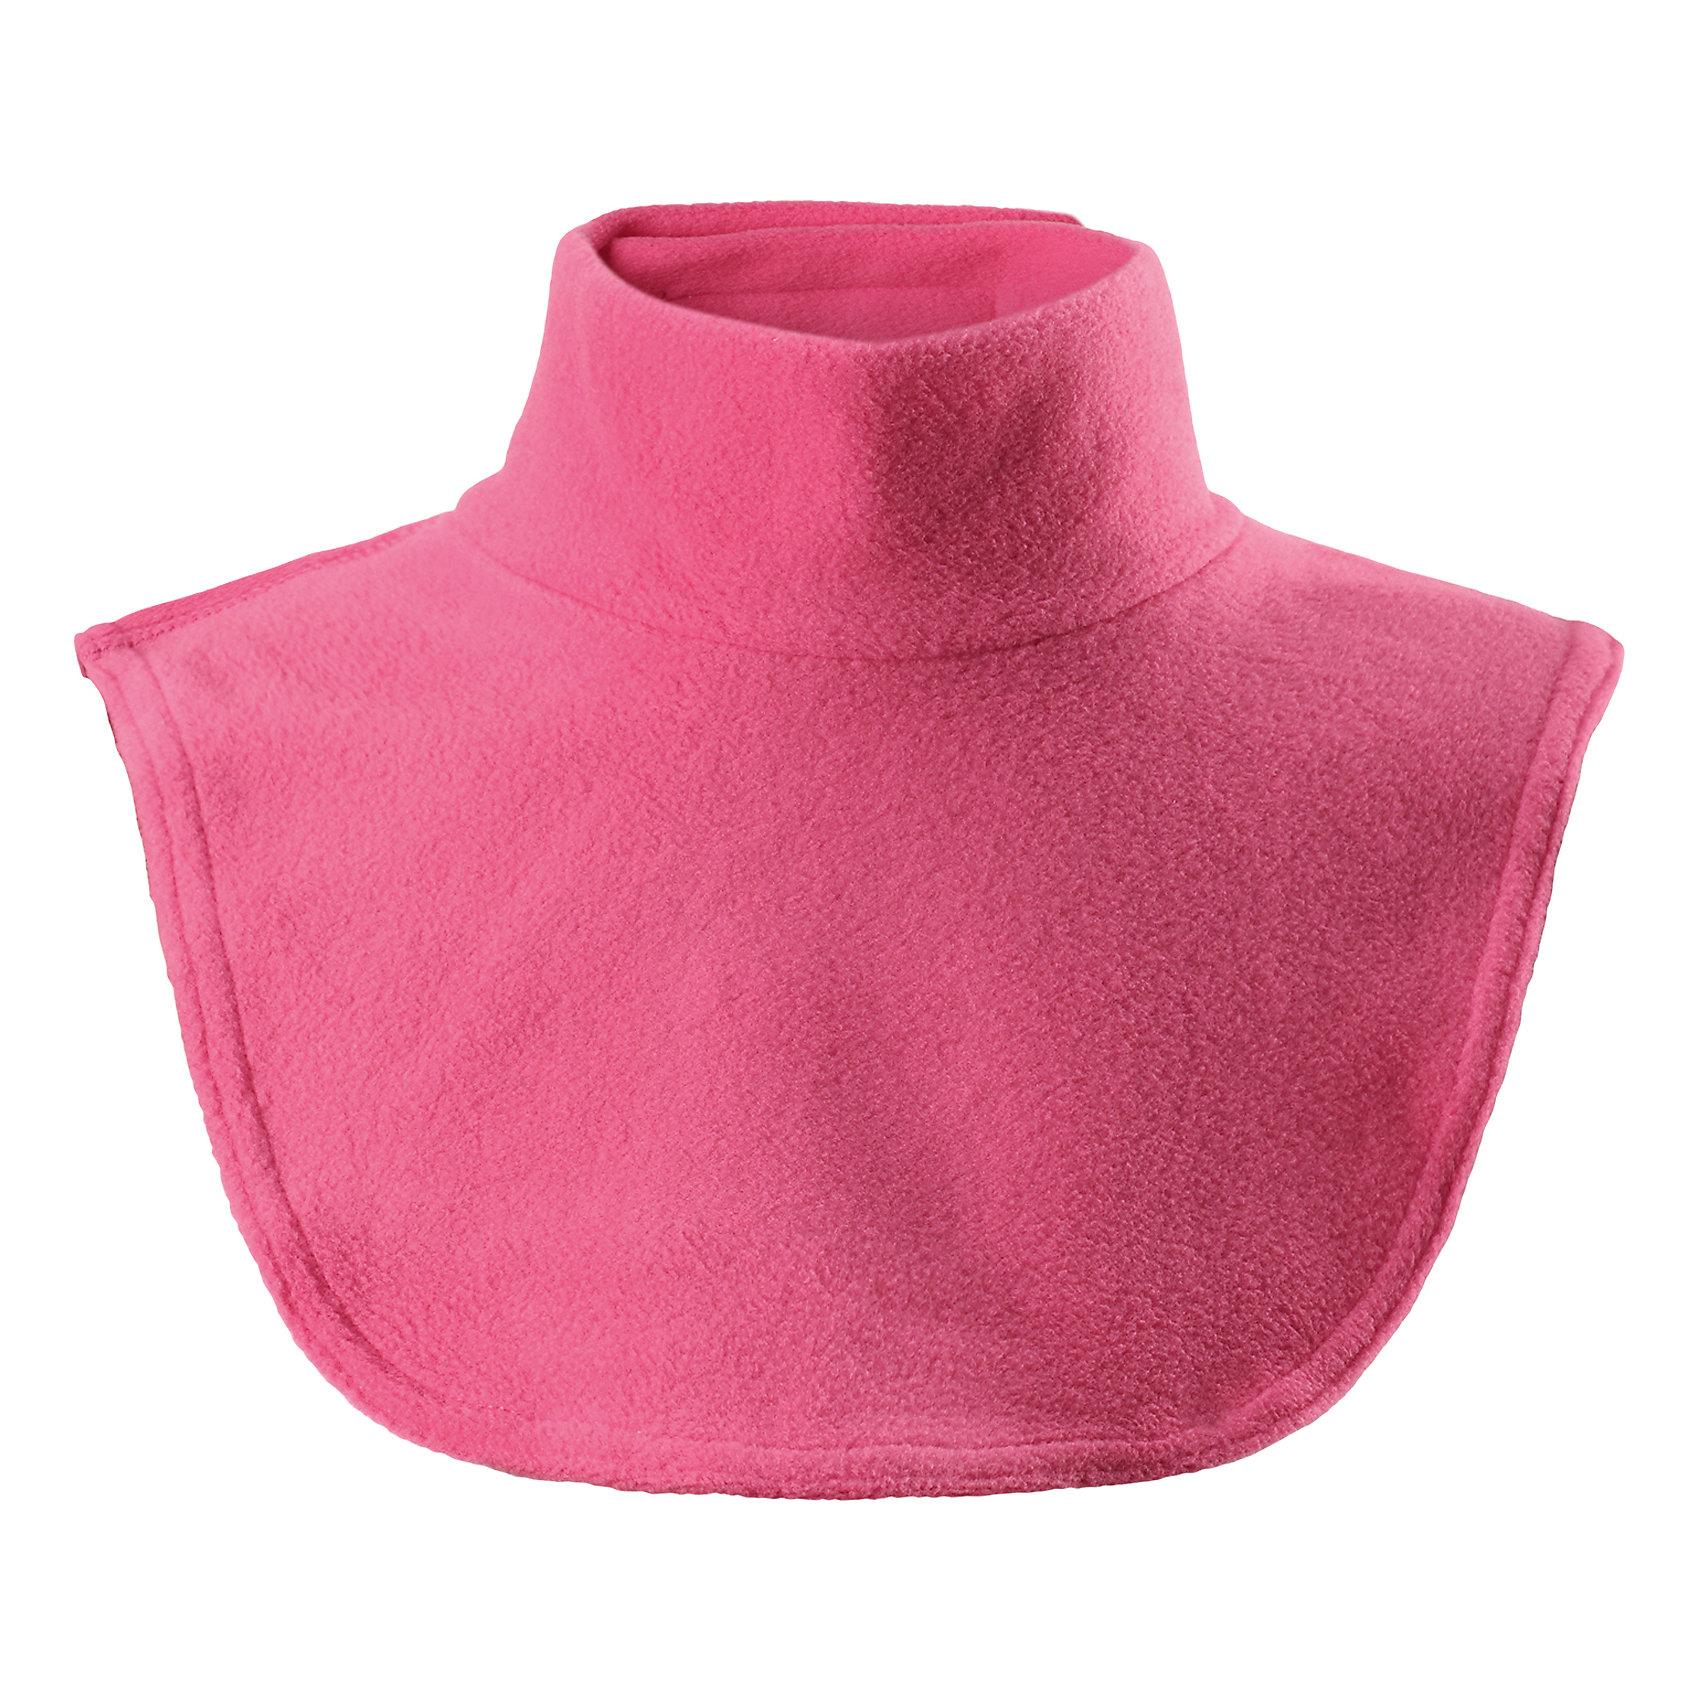 Шарф-хомут LassieШарфы, платки<br>Мягкая горловина из флиса обеспечивает дополнительную защиту области шеи – в ней ребенку будет тепло во время веселых зимних прогулок. Благодаря удобной застежке на липучке вы без труда наденете горловину и легко отрегулируете нужный размер! Идеально подходит для прогулок в холодные осенние дни и морозную зимнюю пору. Облегченная модель без подкладки.<br>Состав:<br>100% Полиэстер<br><br>Ширина мм: 88<br>Глубина мм: 155<br>Высота мм: 26<br>Вес г: 106<br>Цвет: розовый<br>Возраст от месяцев: 36<br>Возраст до месяцев: 72<br>Пол: Унисекс<br>Возраст: Детский<br>Размер: one size<br>SKU: 6972300